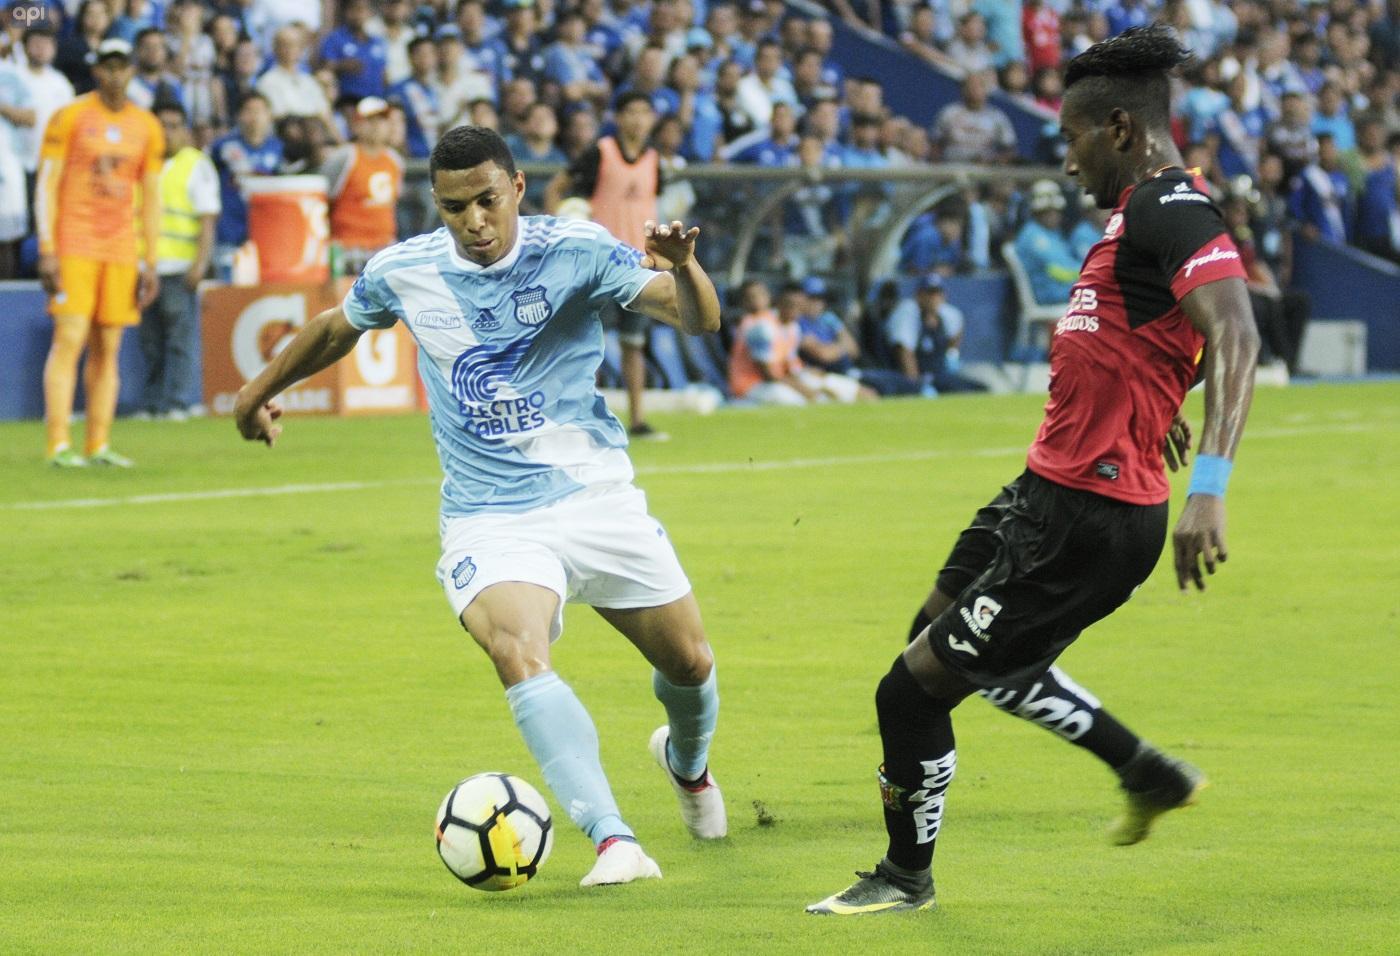 Emelec ganó por 4-1 al Deportivo Cuenca y sigue al frente del Campeonato